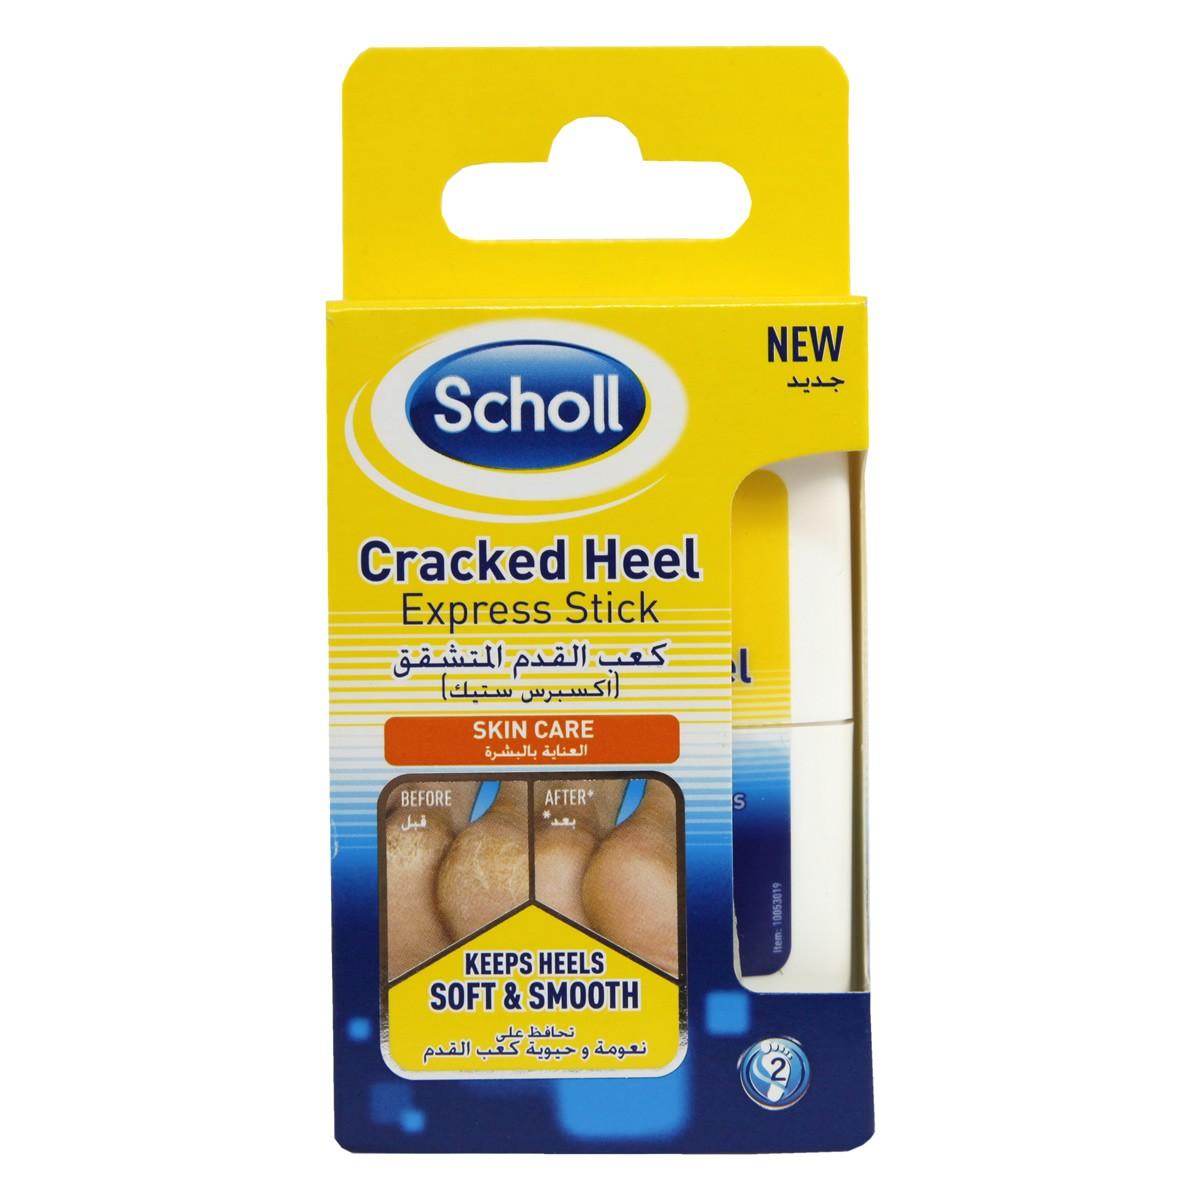 Scholl Cracked Heel Express Stick